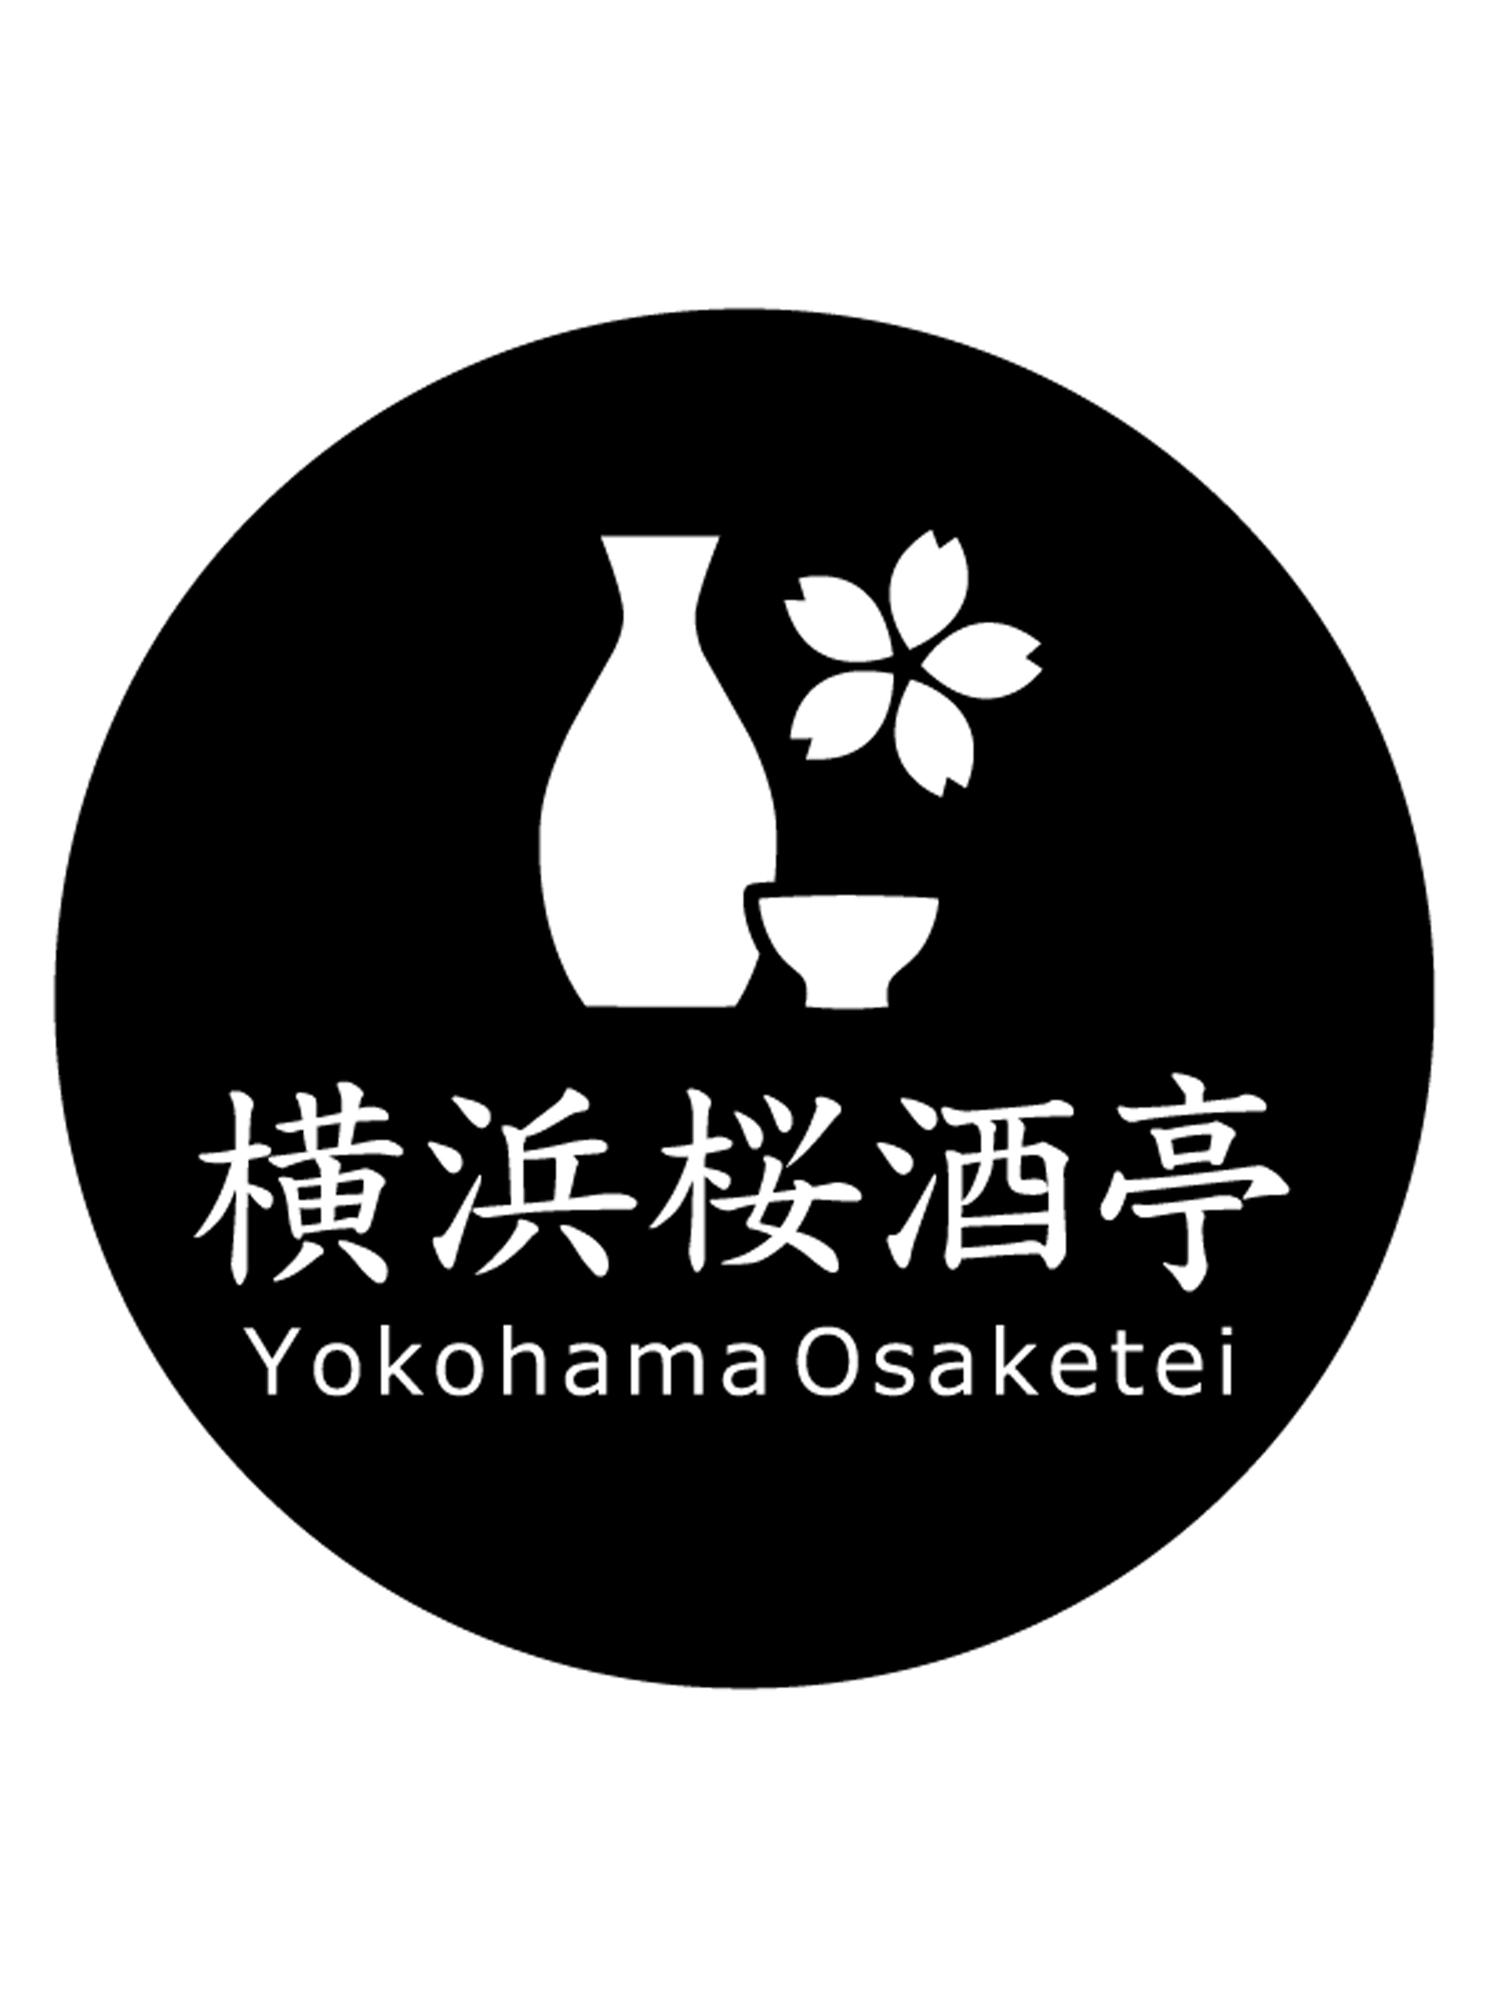 横浜 桜酒亭さま ロゴデザイン制作